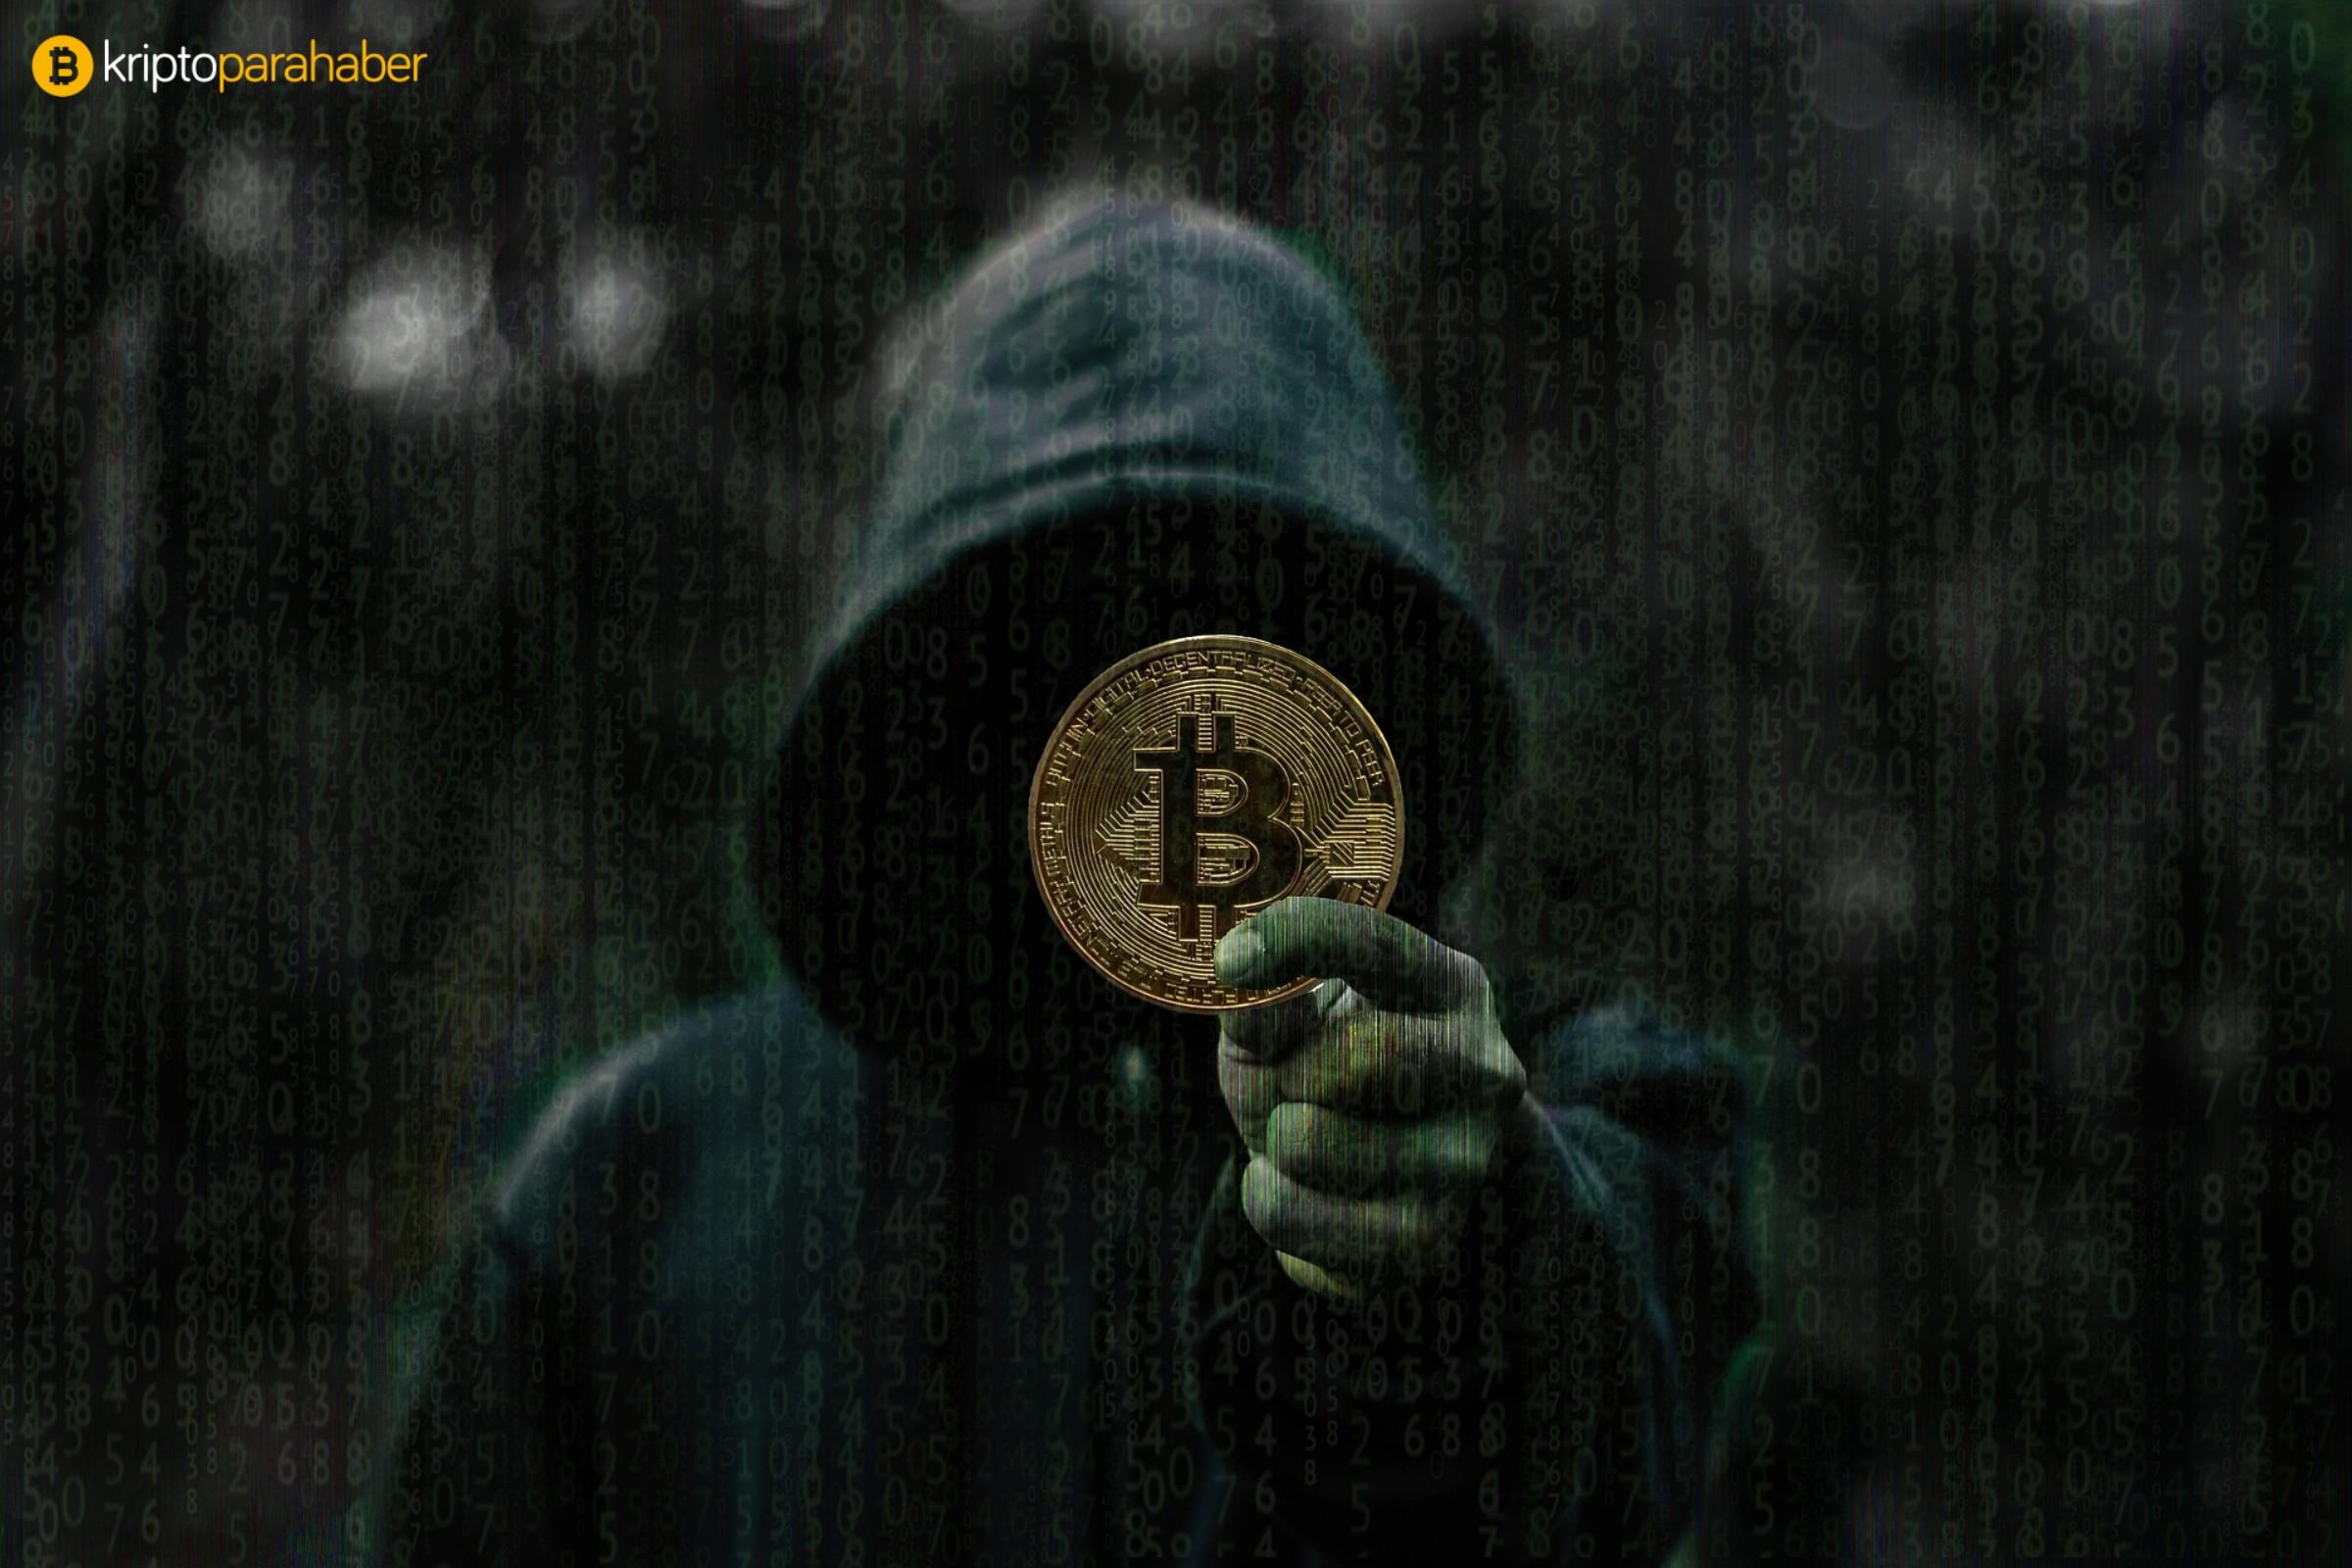 Hackerlar İsrail'de sigorta şirketine saldırdı, 1 milyon dolarlık Bitcoin fidyesi istiyorlar